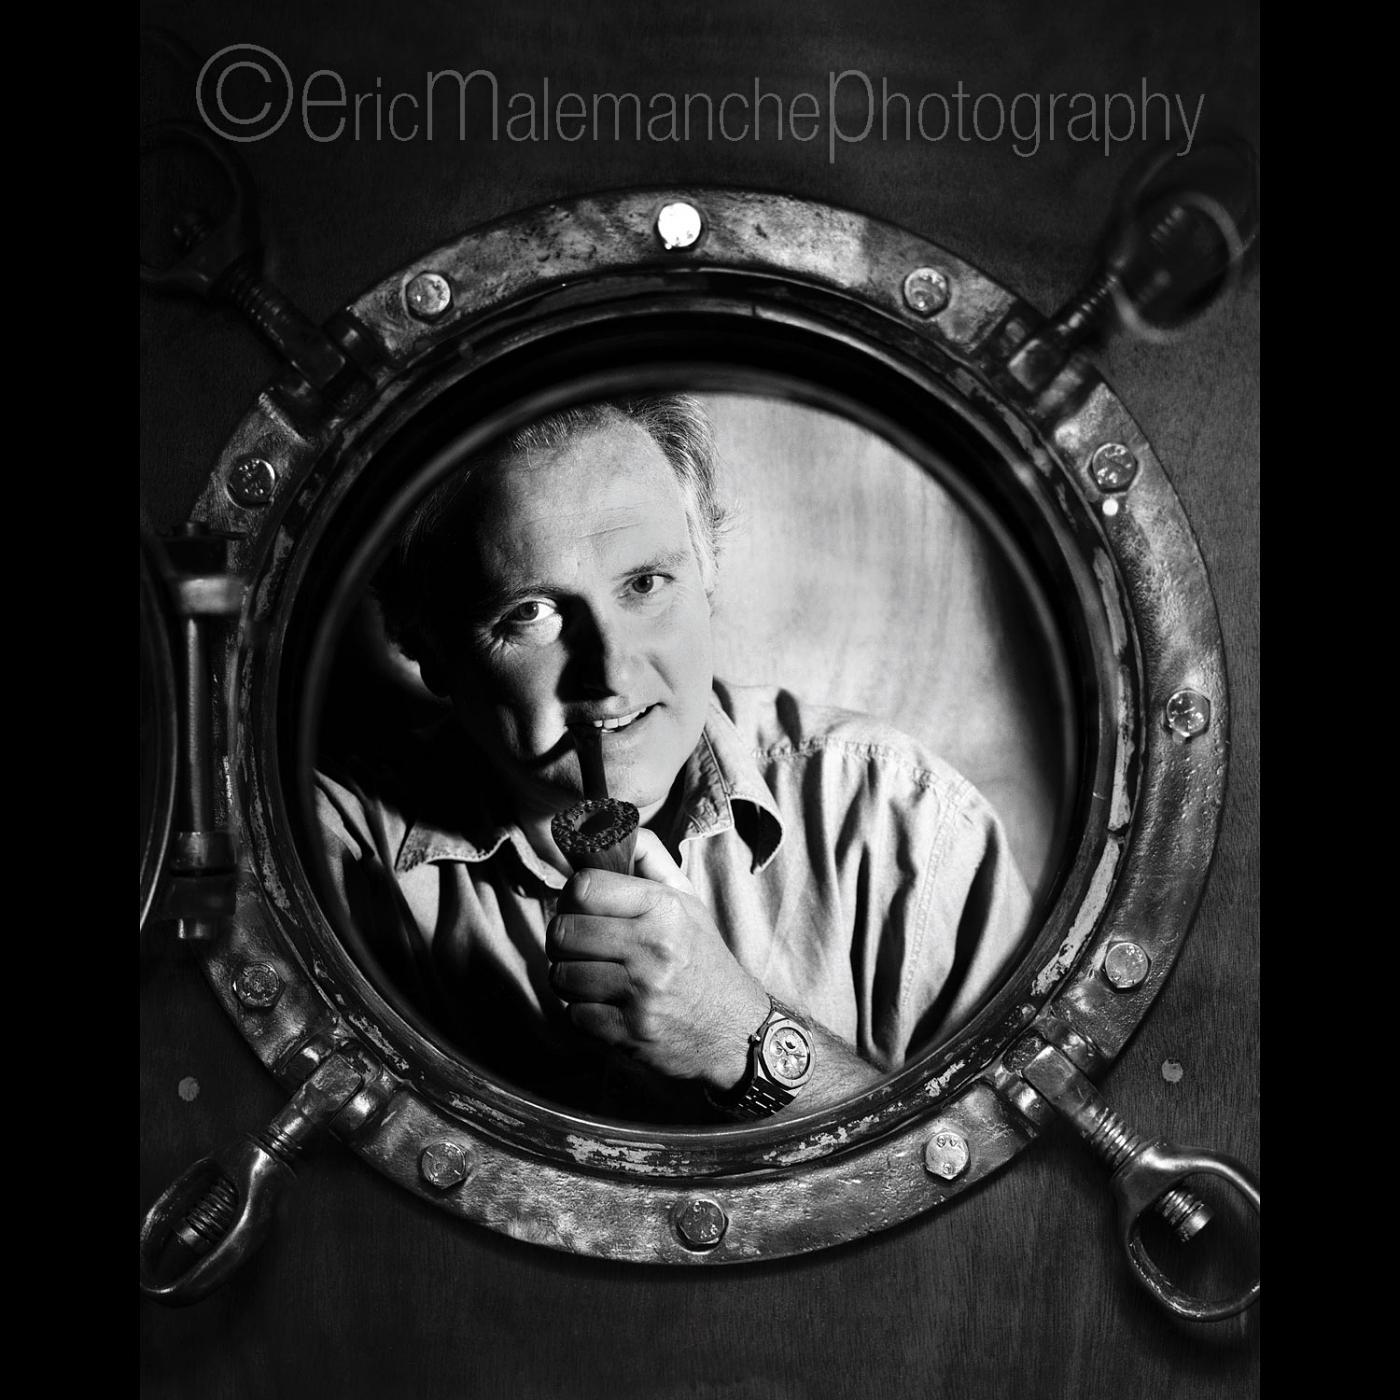 https://www.ericmalemanche.com/imagess/topics/audemars-piguet-30-ans-de-la-royal-oak/liste/Eric-Levavasseur.jpg